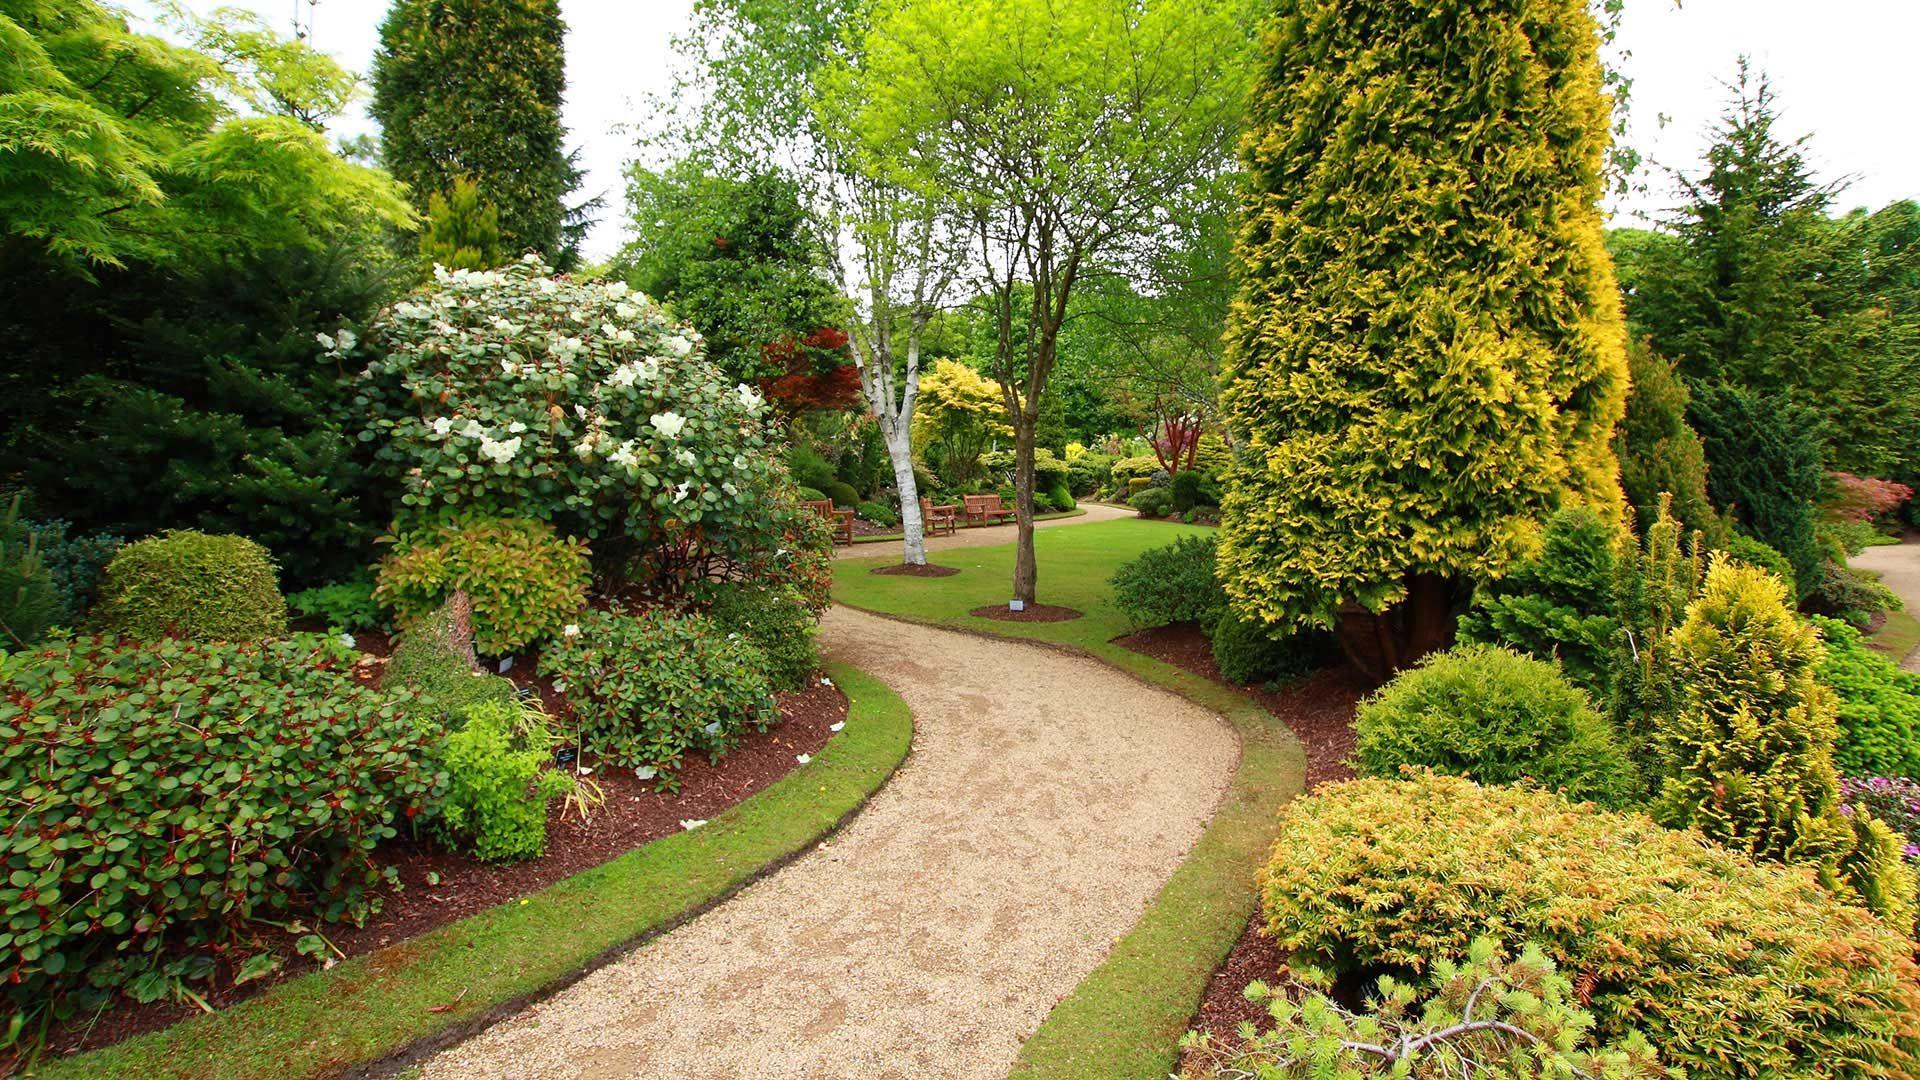 landscaping fairhope al - Google Search   Garden landscape ...